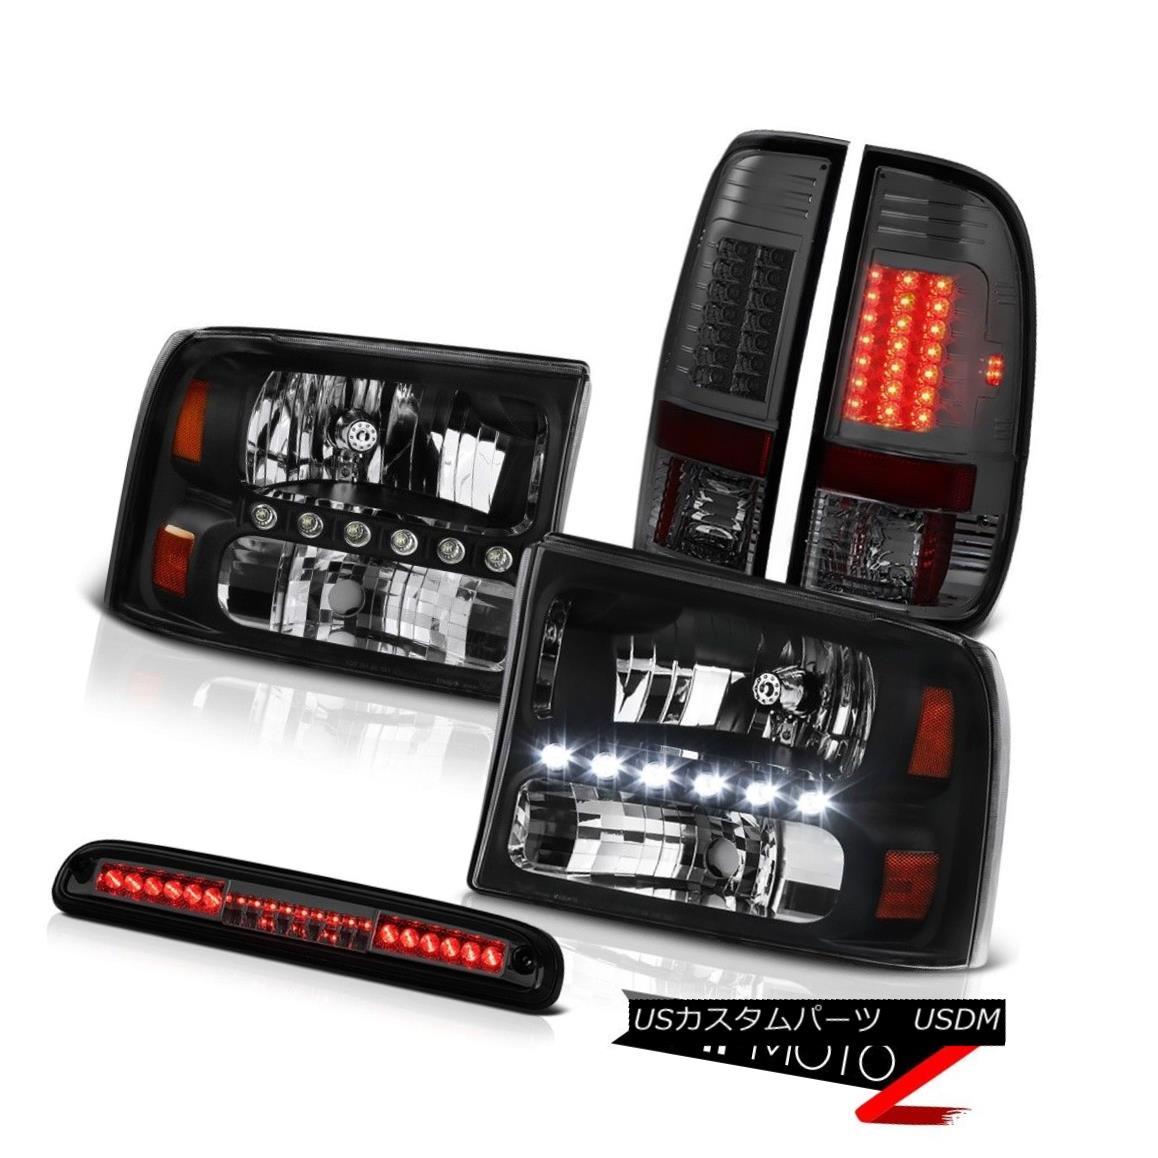 テールライト 99-04 F250 Turbo Diesel Clear/Black Headlight Smoke Brake Tail Roof Stop LED 99-04 F250ターボディーゼルクリア/ブラックヘッドライトスモークブレーキテールルーフストップLED